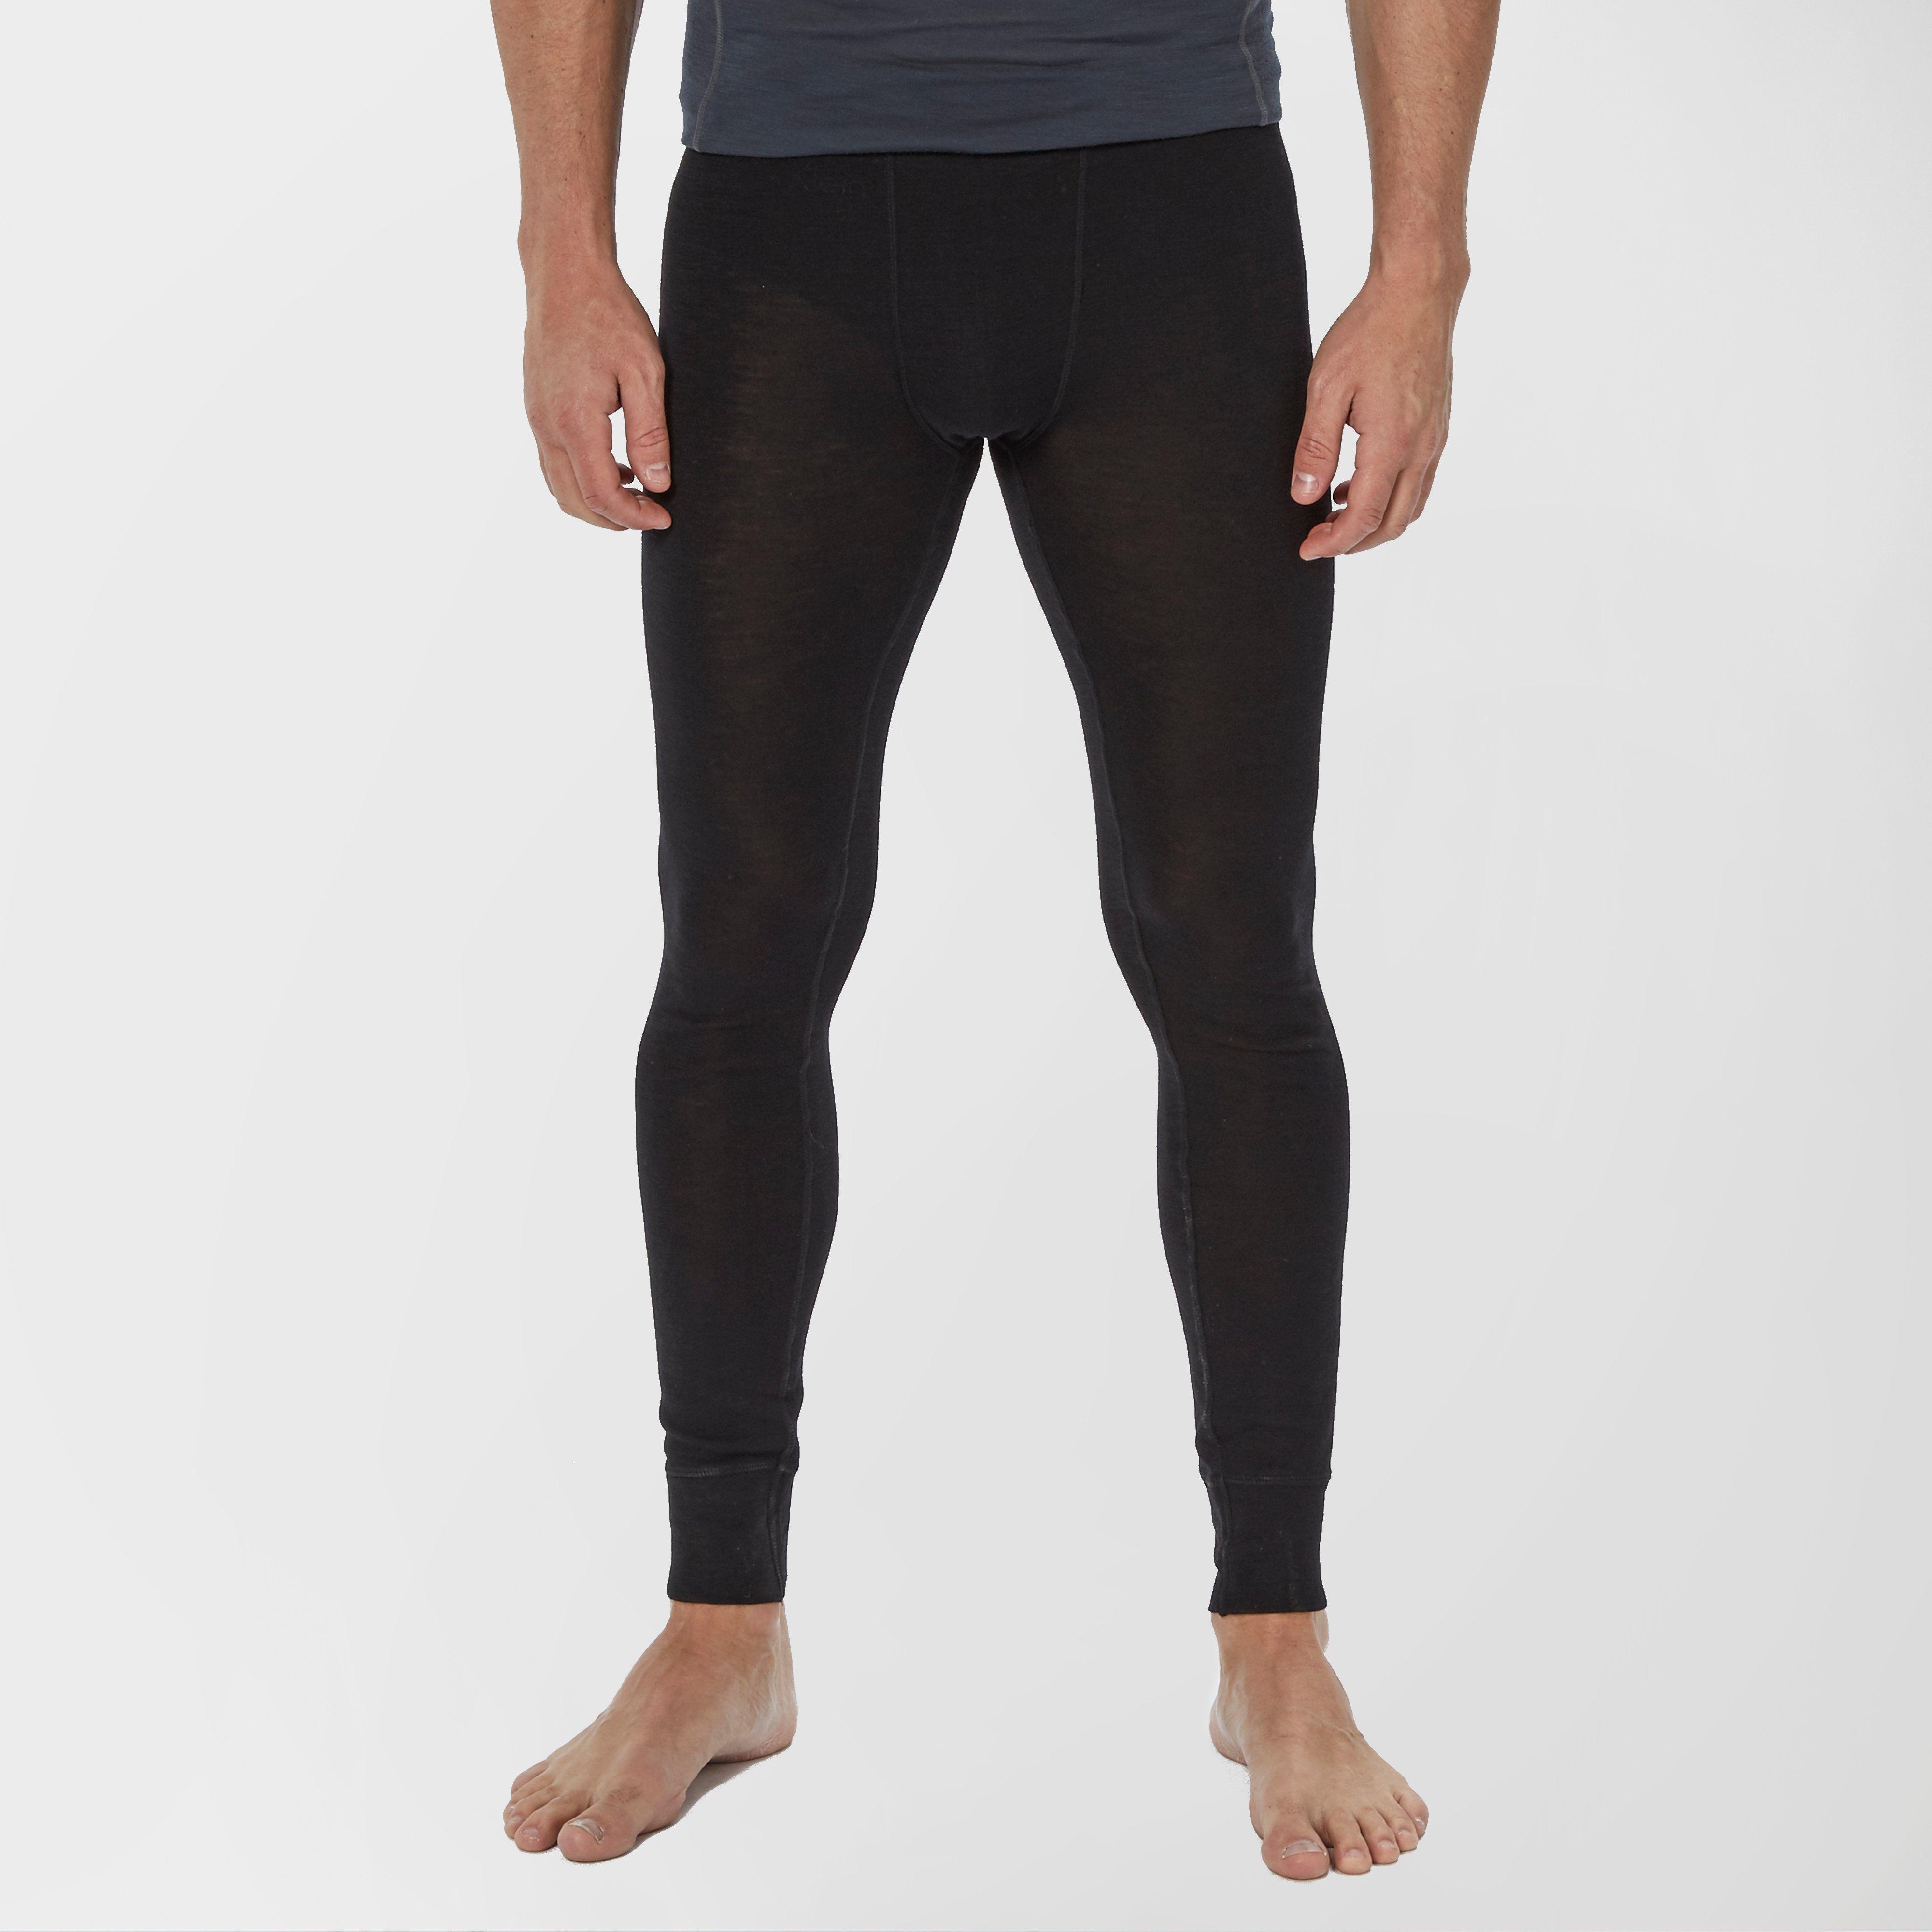 TECHNICALS Men's Merino Baselayer Leggings